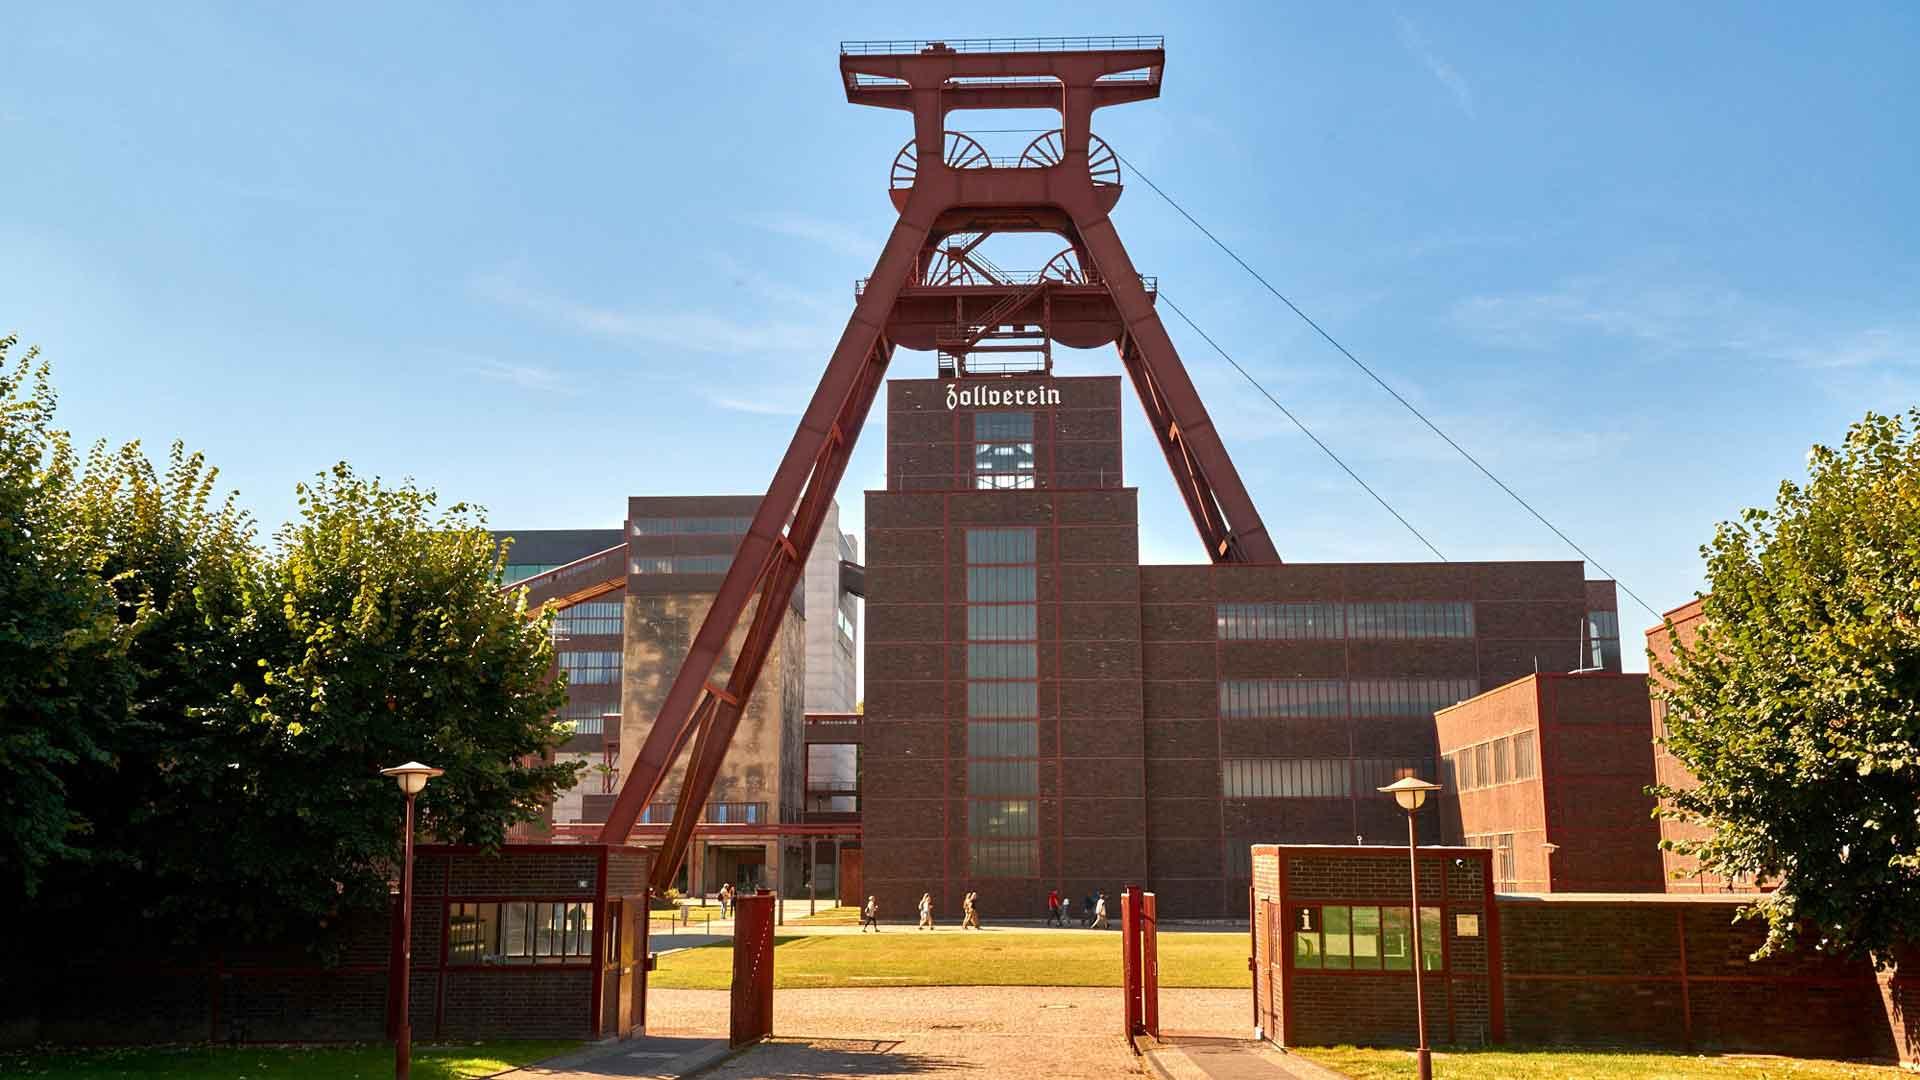 De Zeche Zollverein in Essen is het symbool voor het Ruhrgebied.